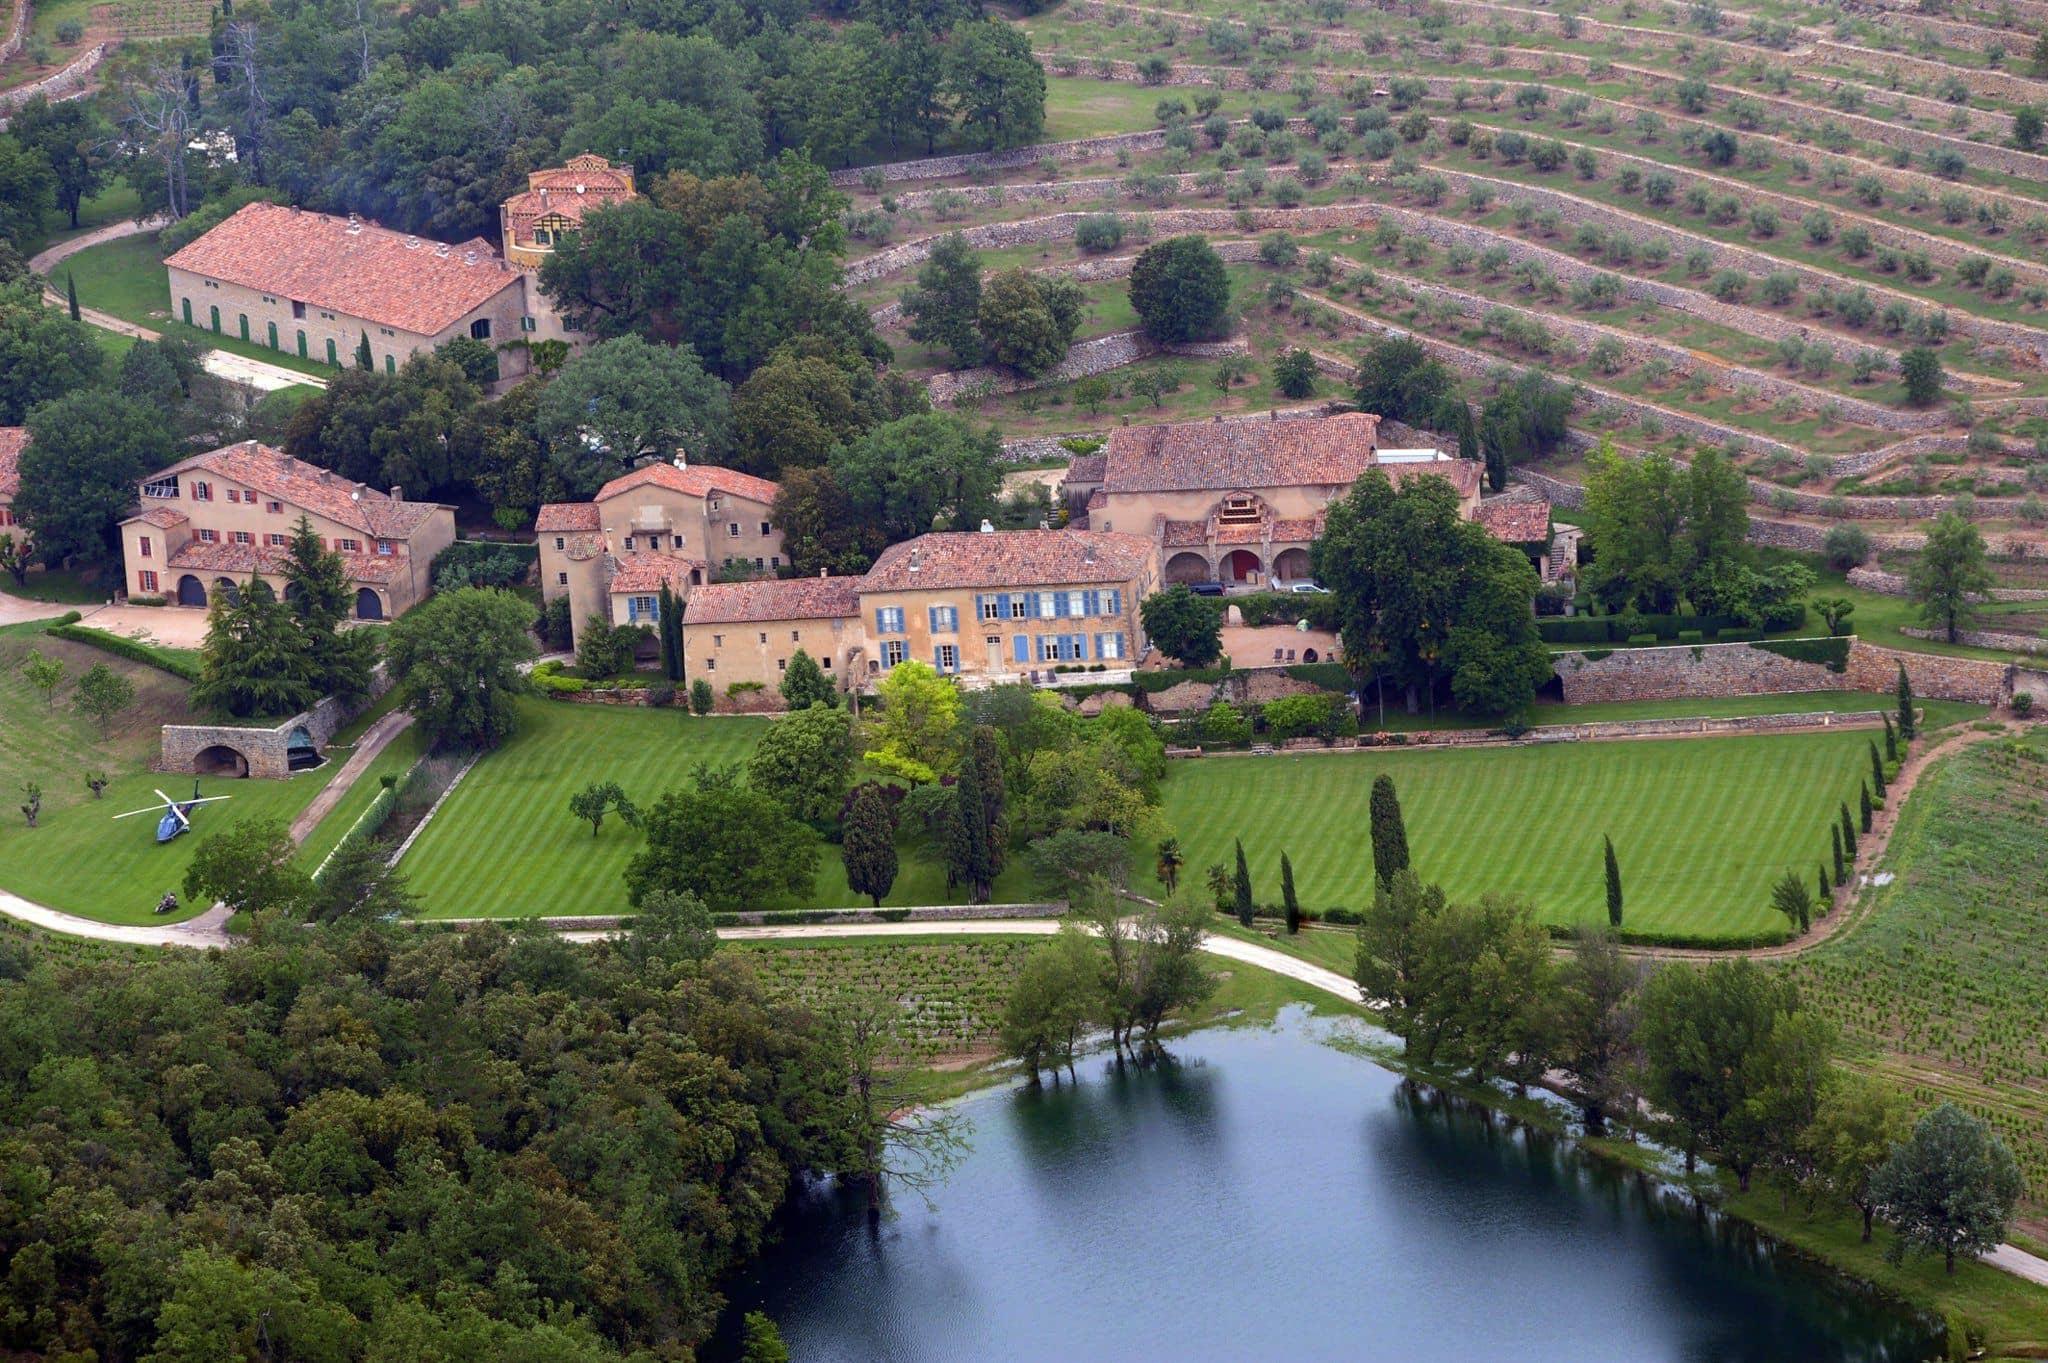 アンジェリーナ・ジョリー Angelina Jolie ブラッド・ピット Brad Pitt 豪邸 フランス